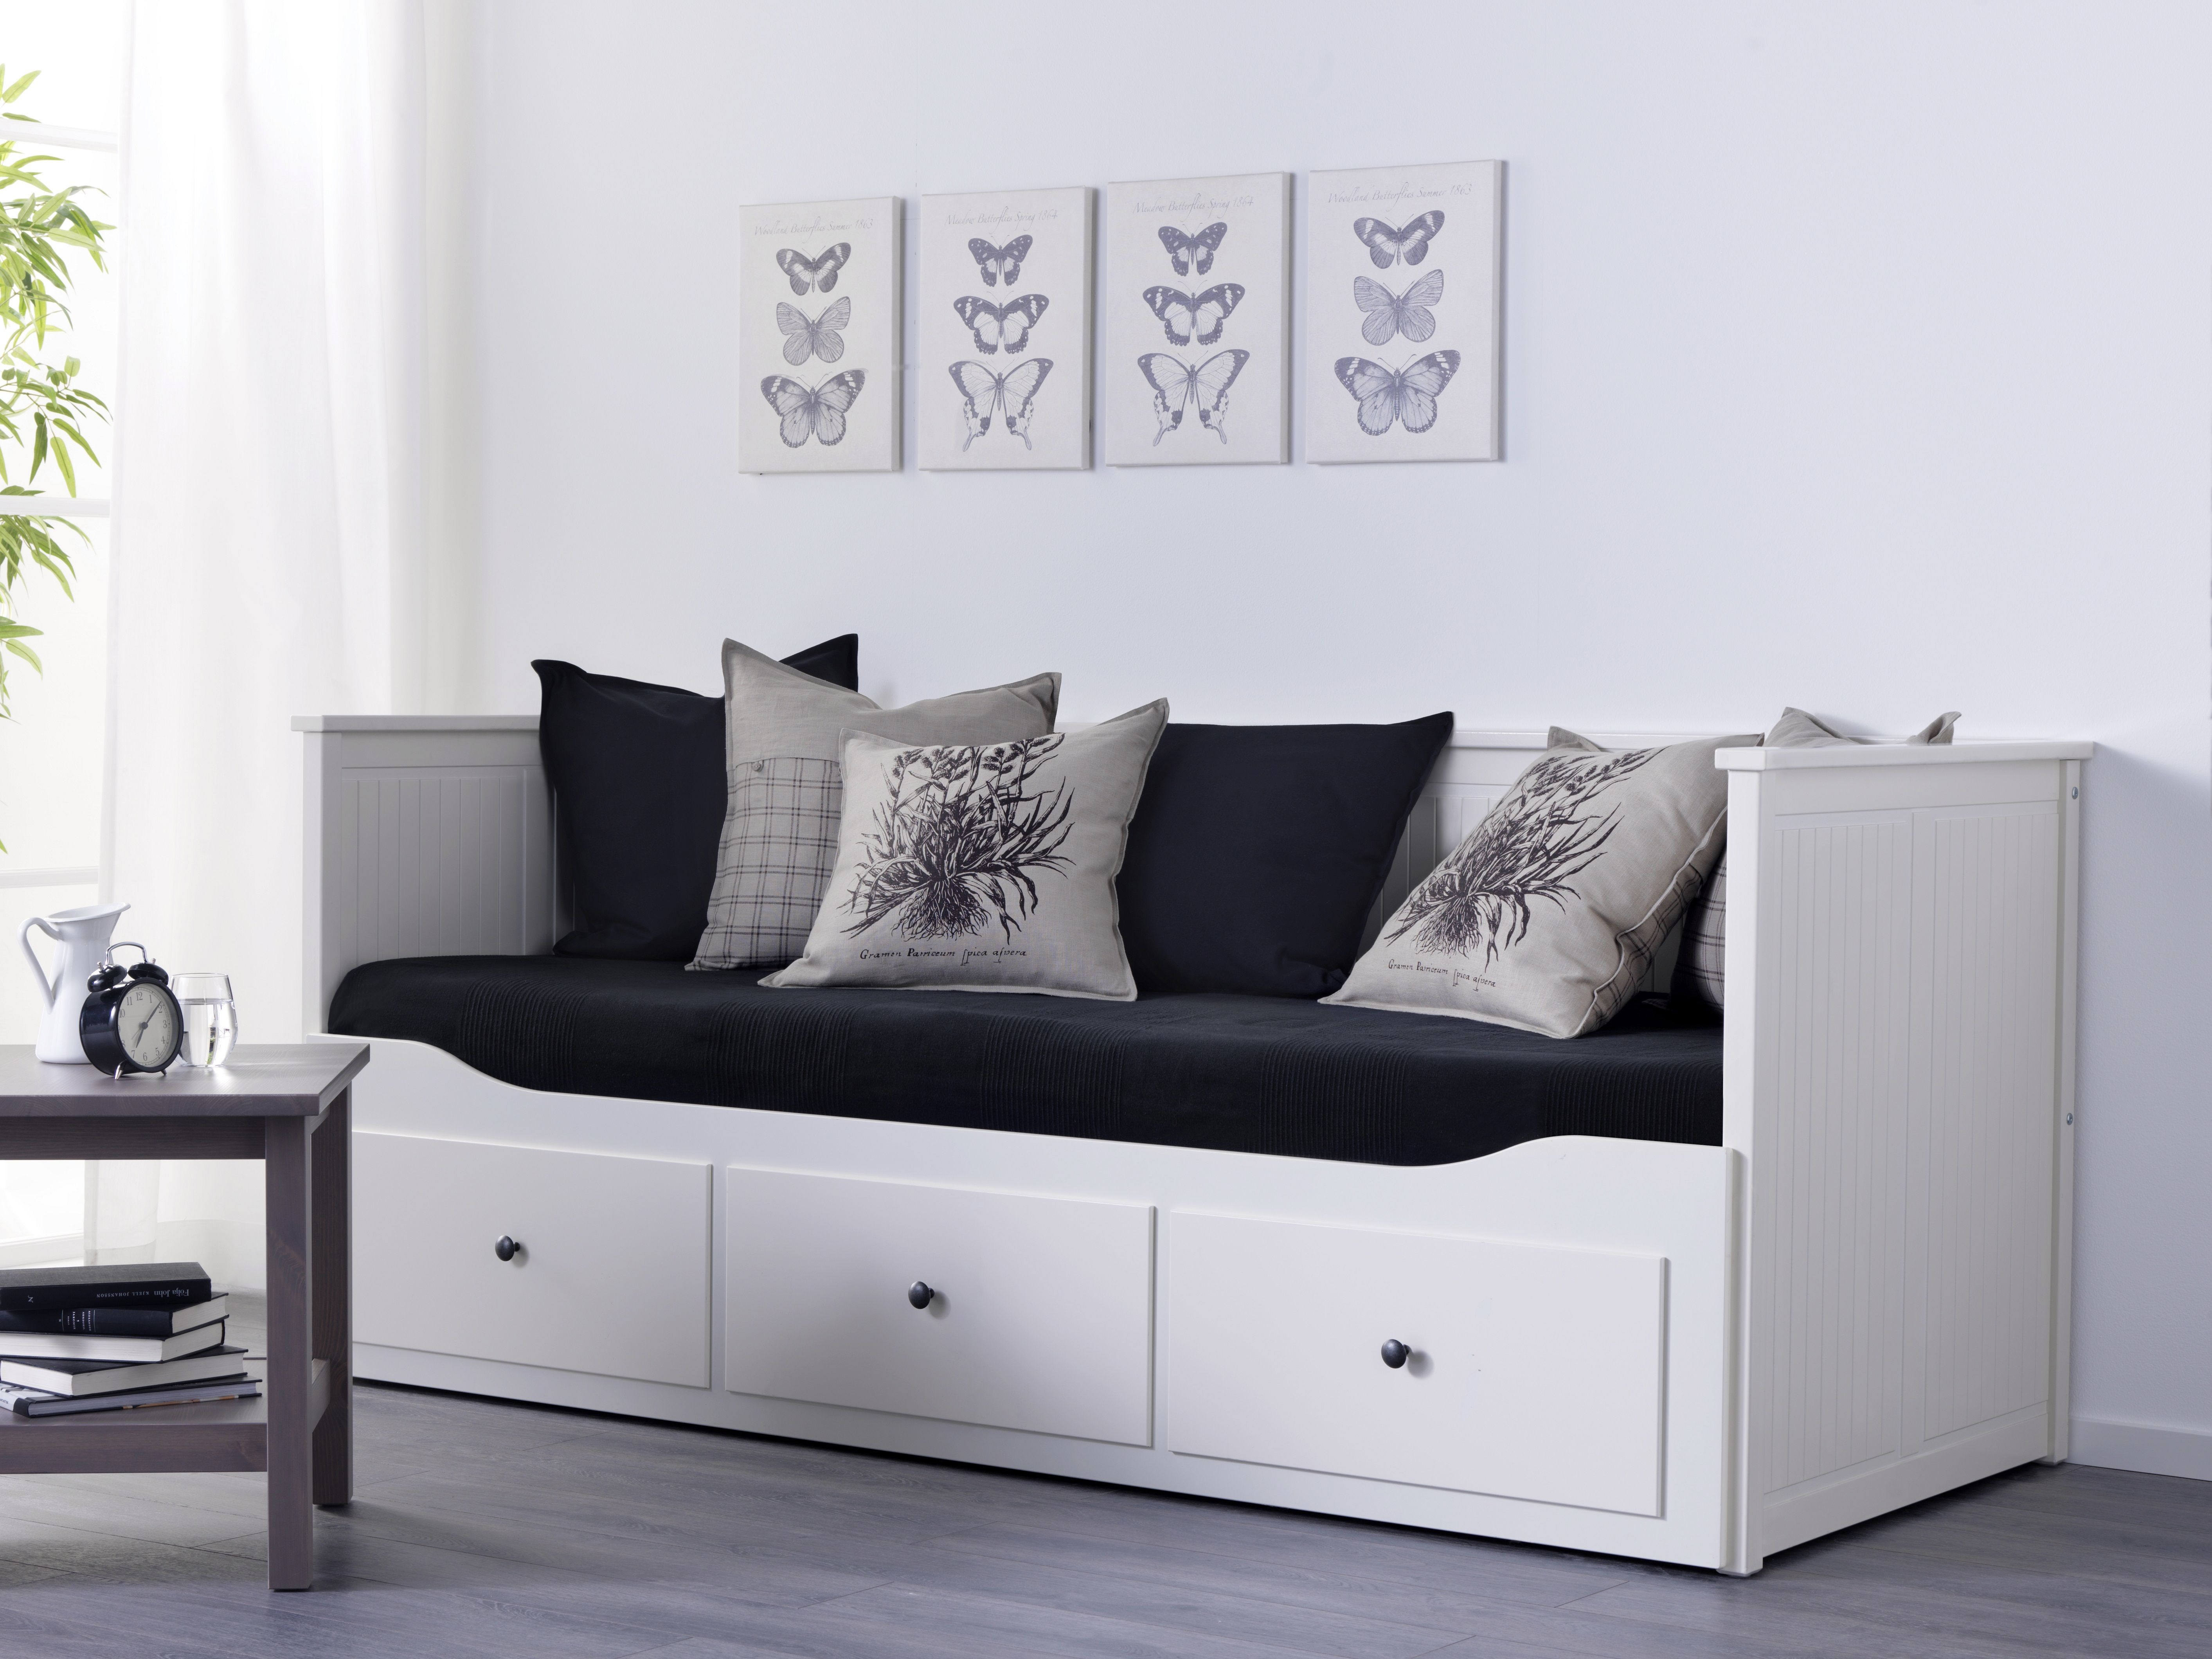 Ikea Slaapkamer Eenpersoonsbedden : Hemnes bedbank ikea ikeanl wit eenpersoonsbed